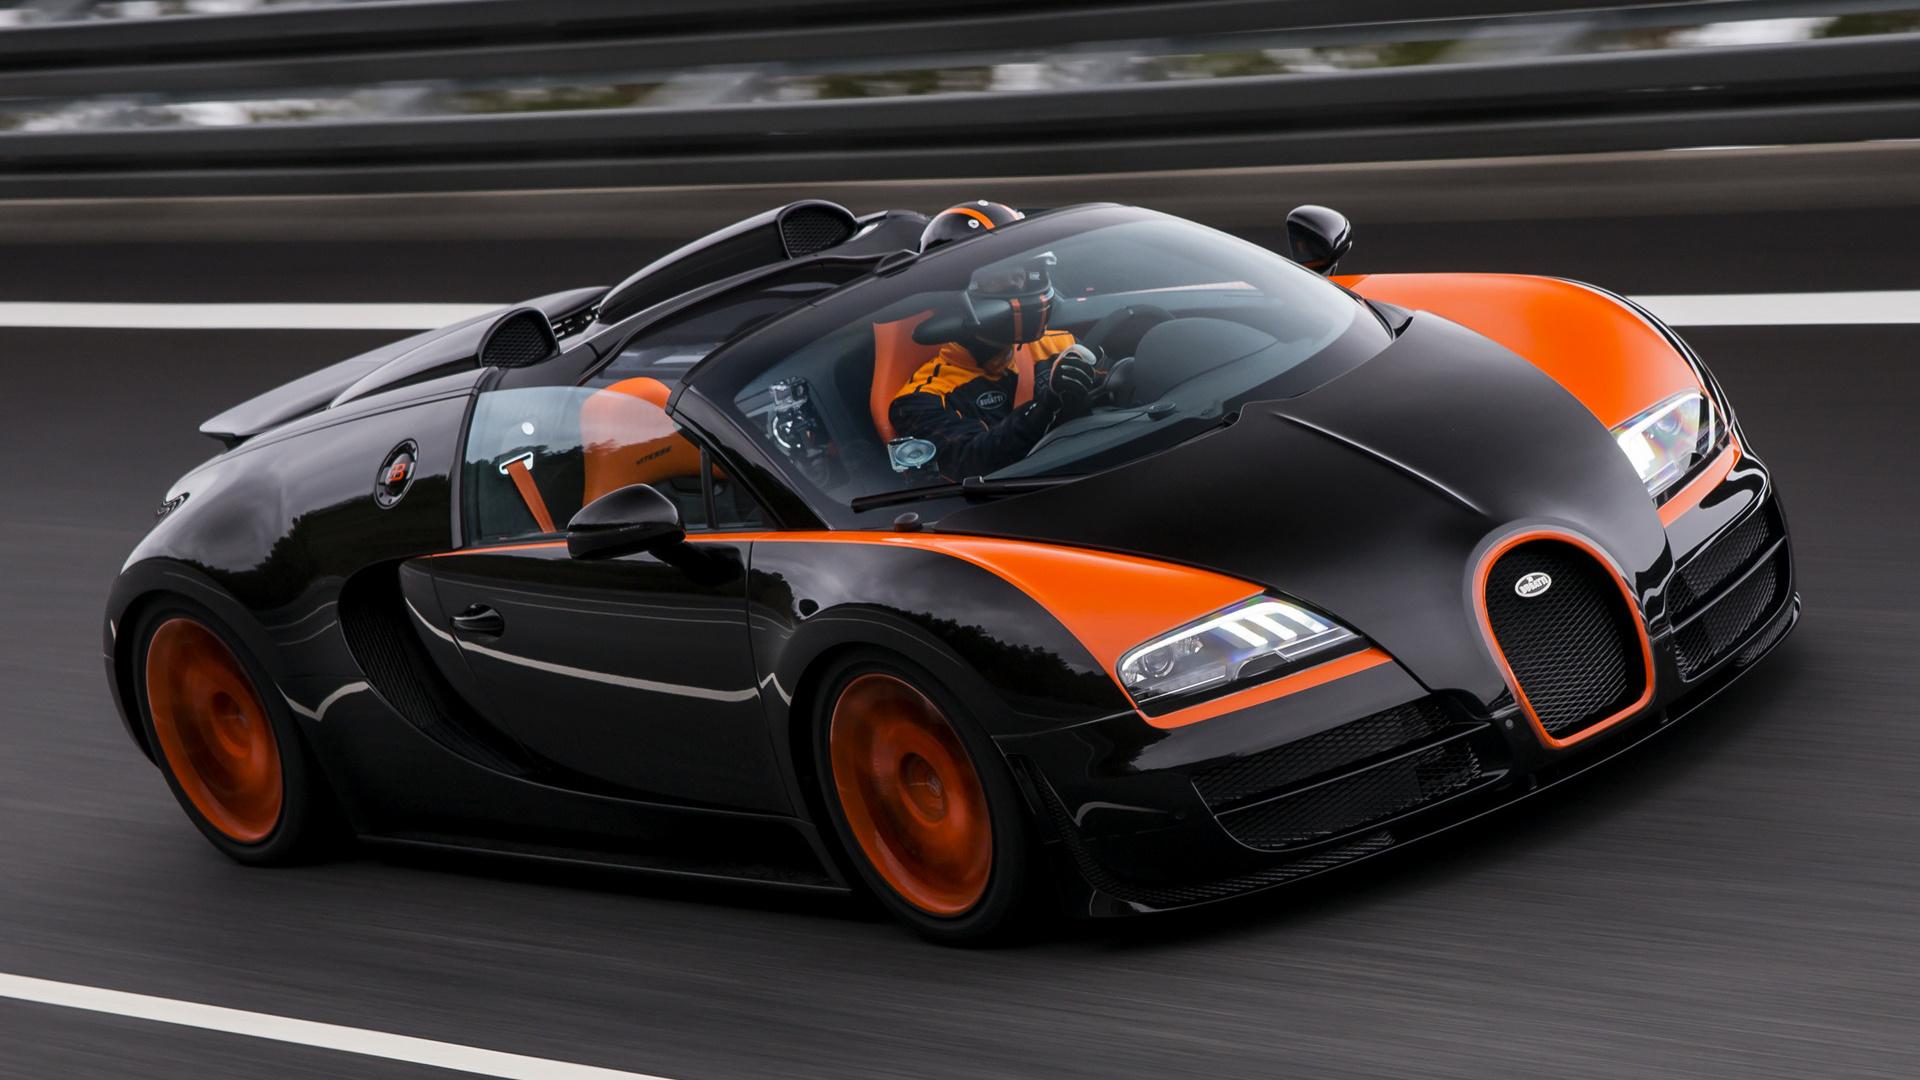 Bugatti Veyron Grand Sport Vitesse Wallpaper Hd: 2013 Bugatti Veyron Grand Sport Vitesse WRC Edition